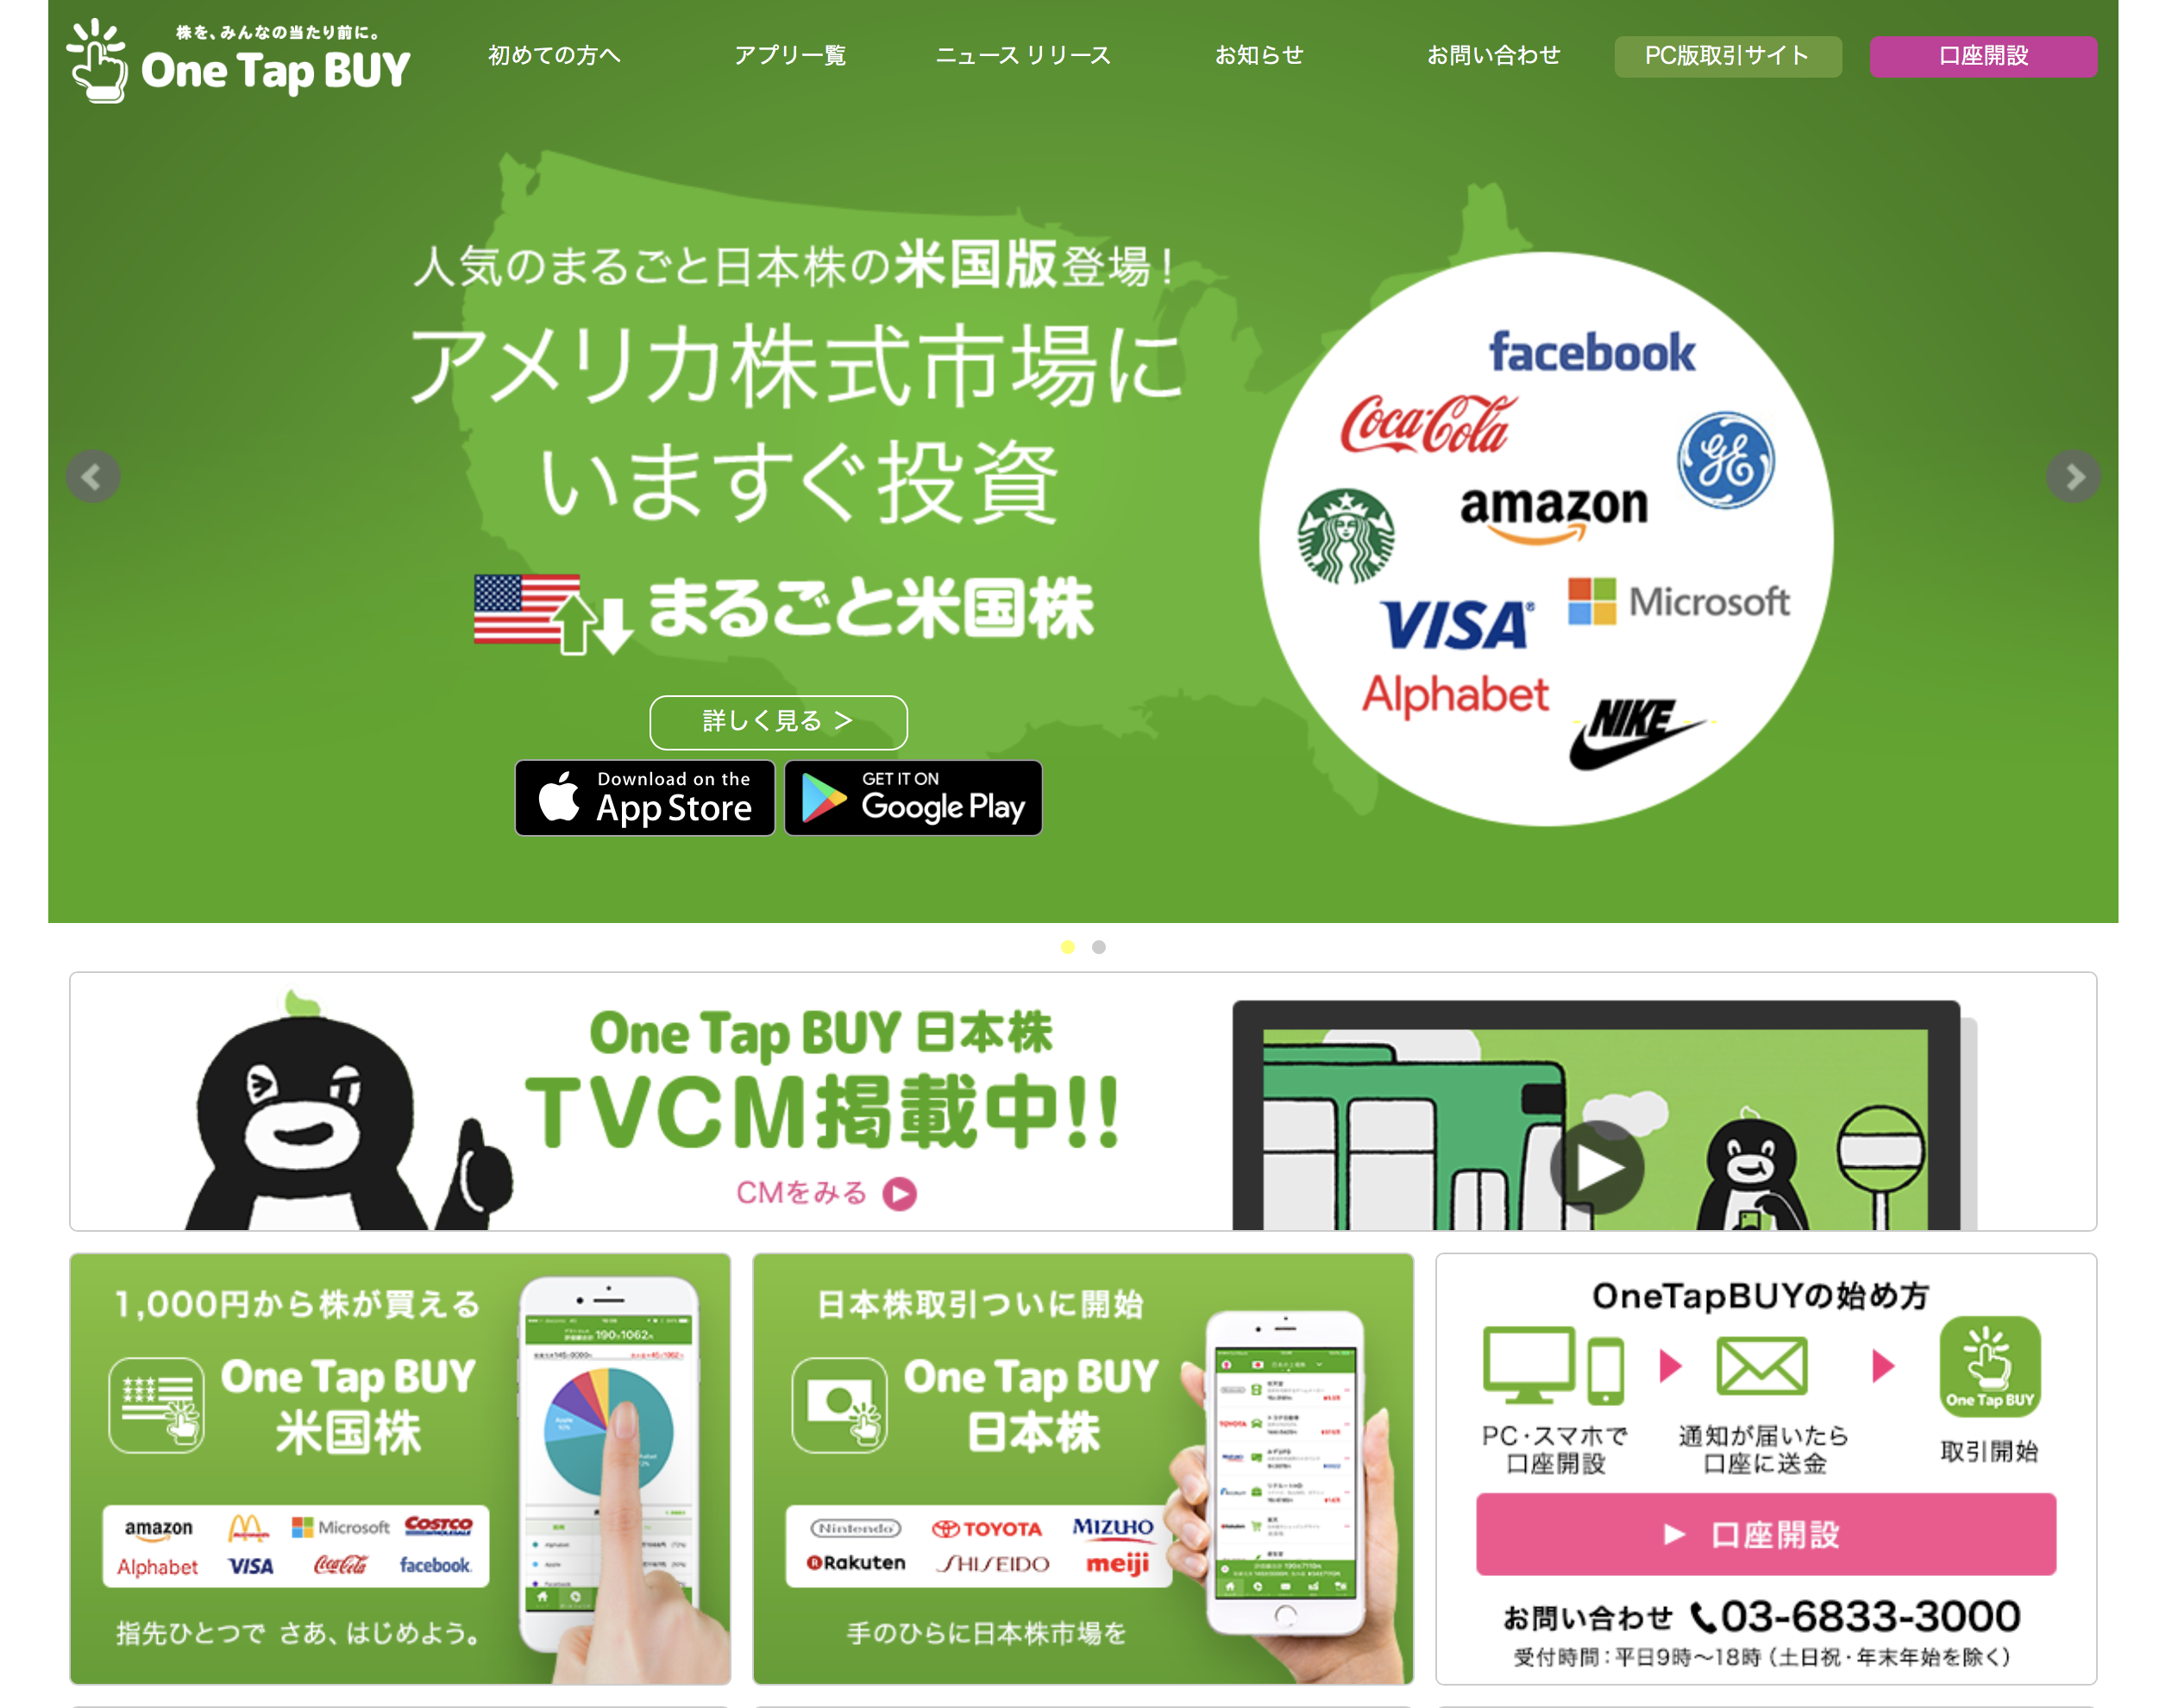 株式会社One Tap BUY (ワンタップバイ)